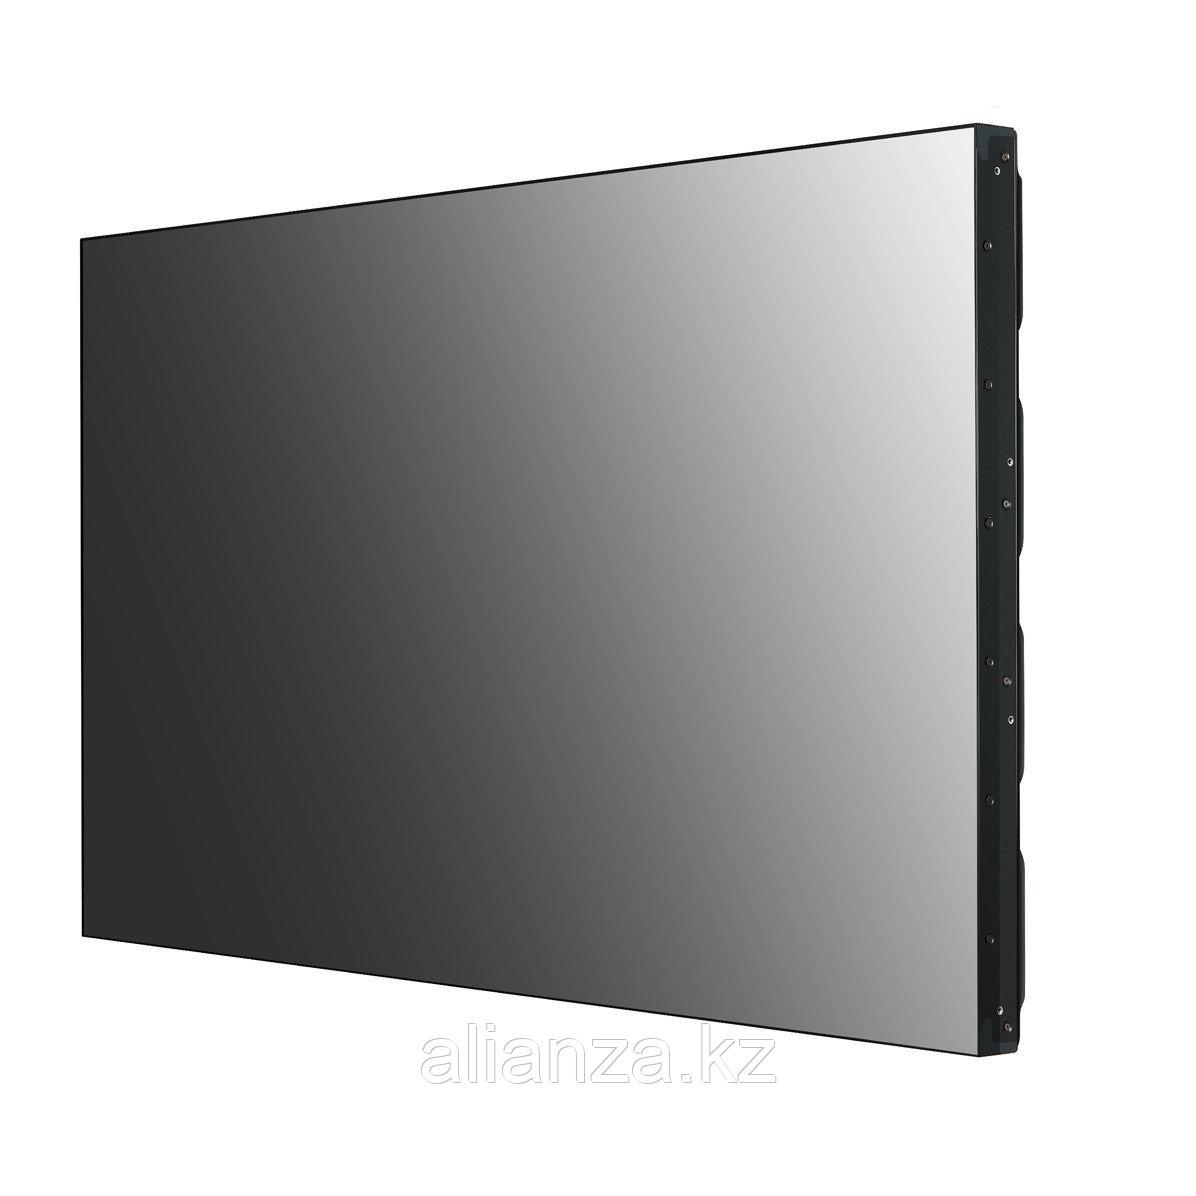 LED панель LG 49VL5F-А